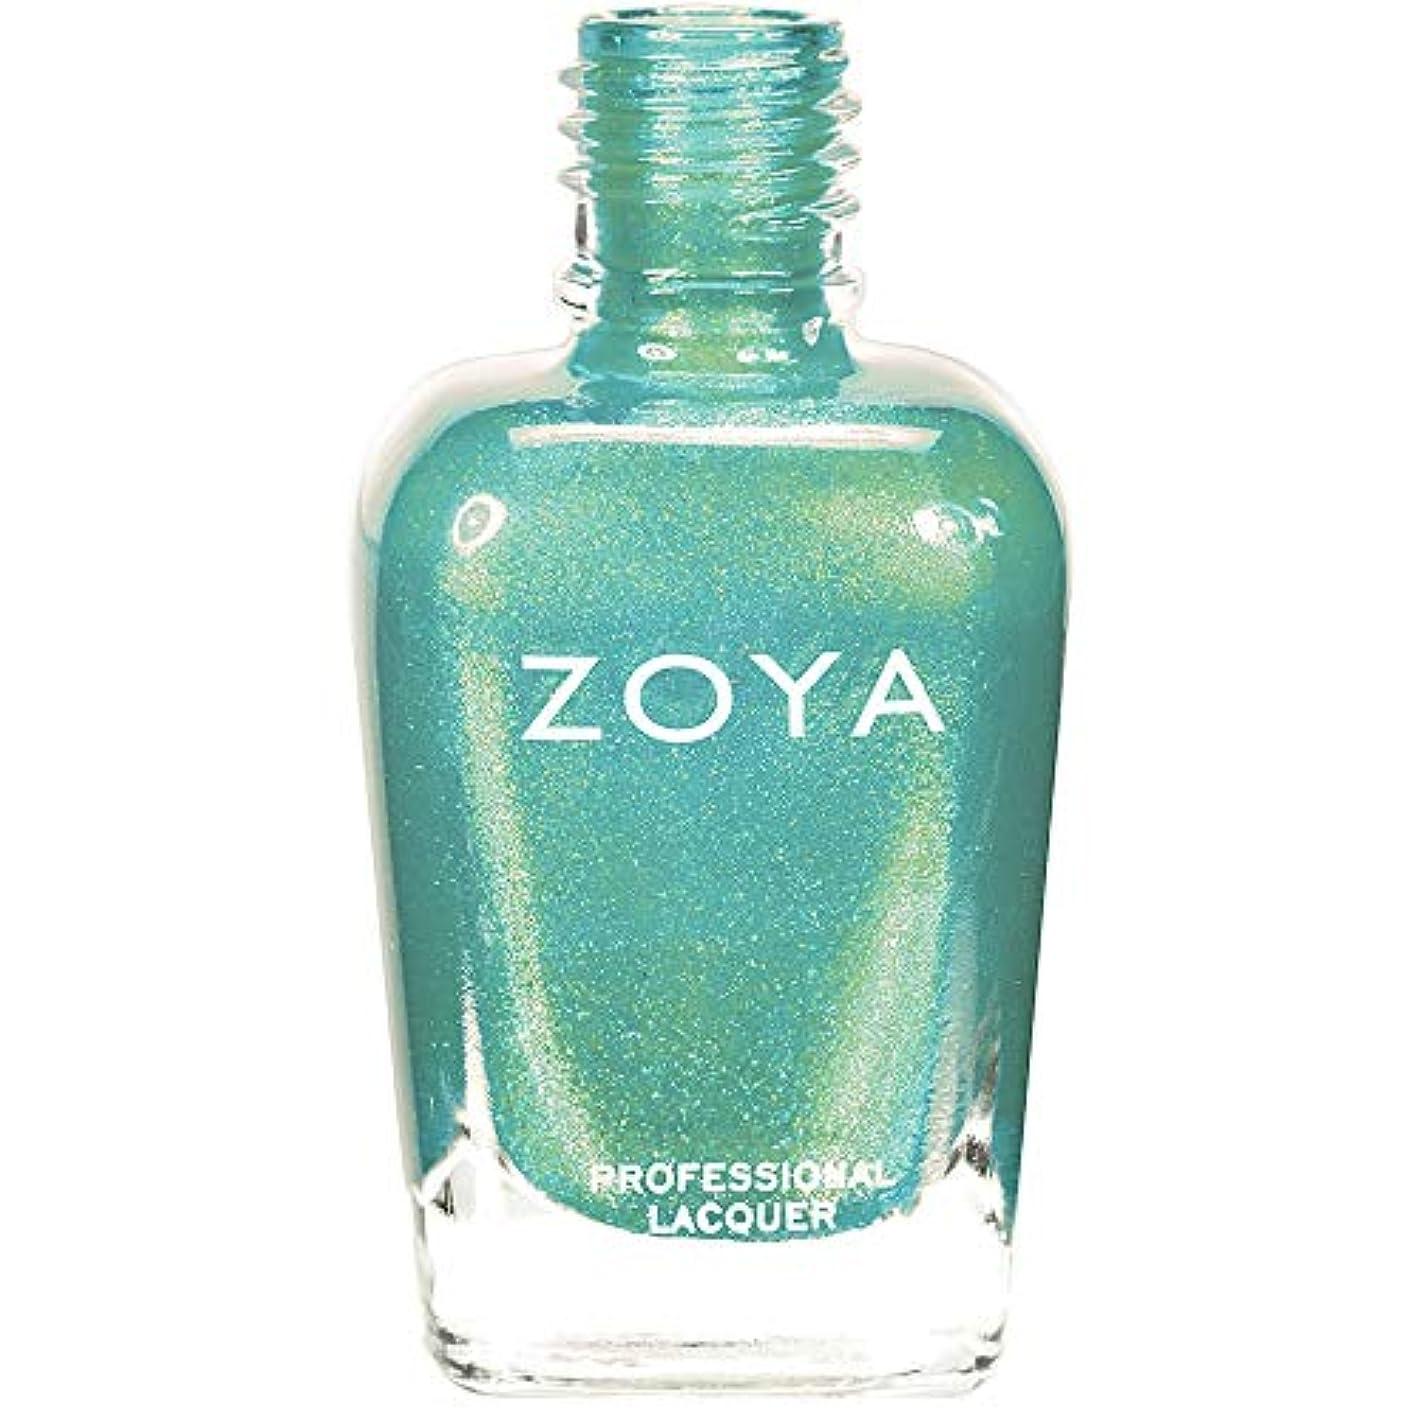 きらめきぞっとするような一握りZOYA (ゾーヤ) ネイルカラー 15mL [ZP625] ズザ